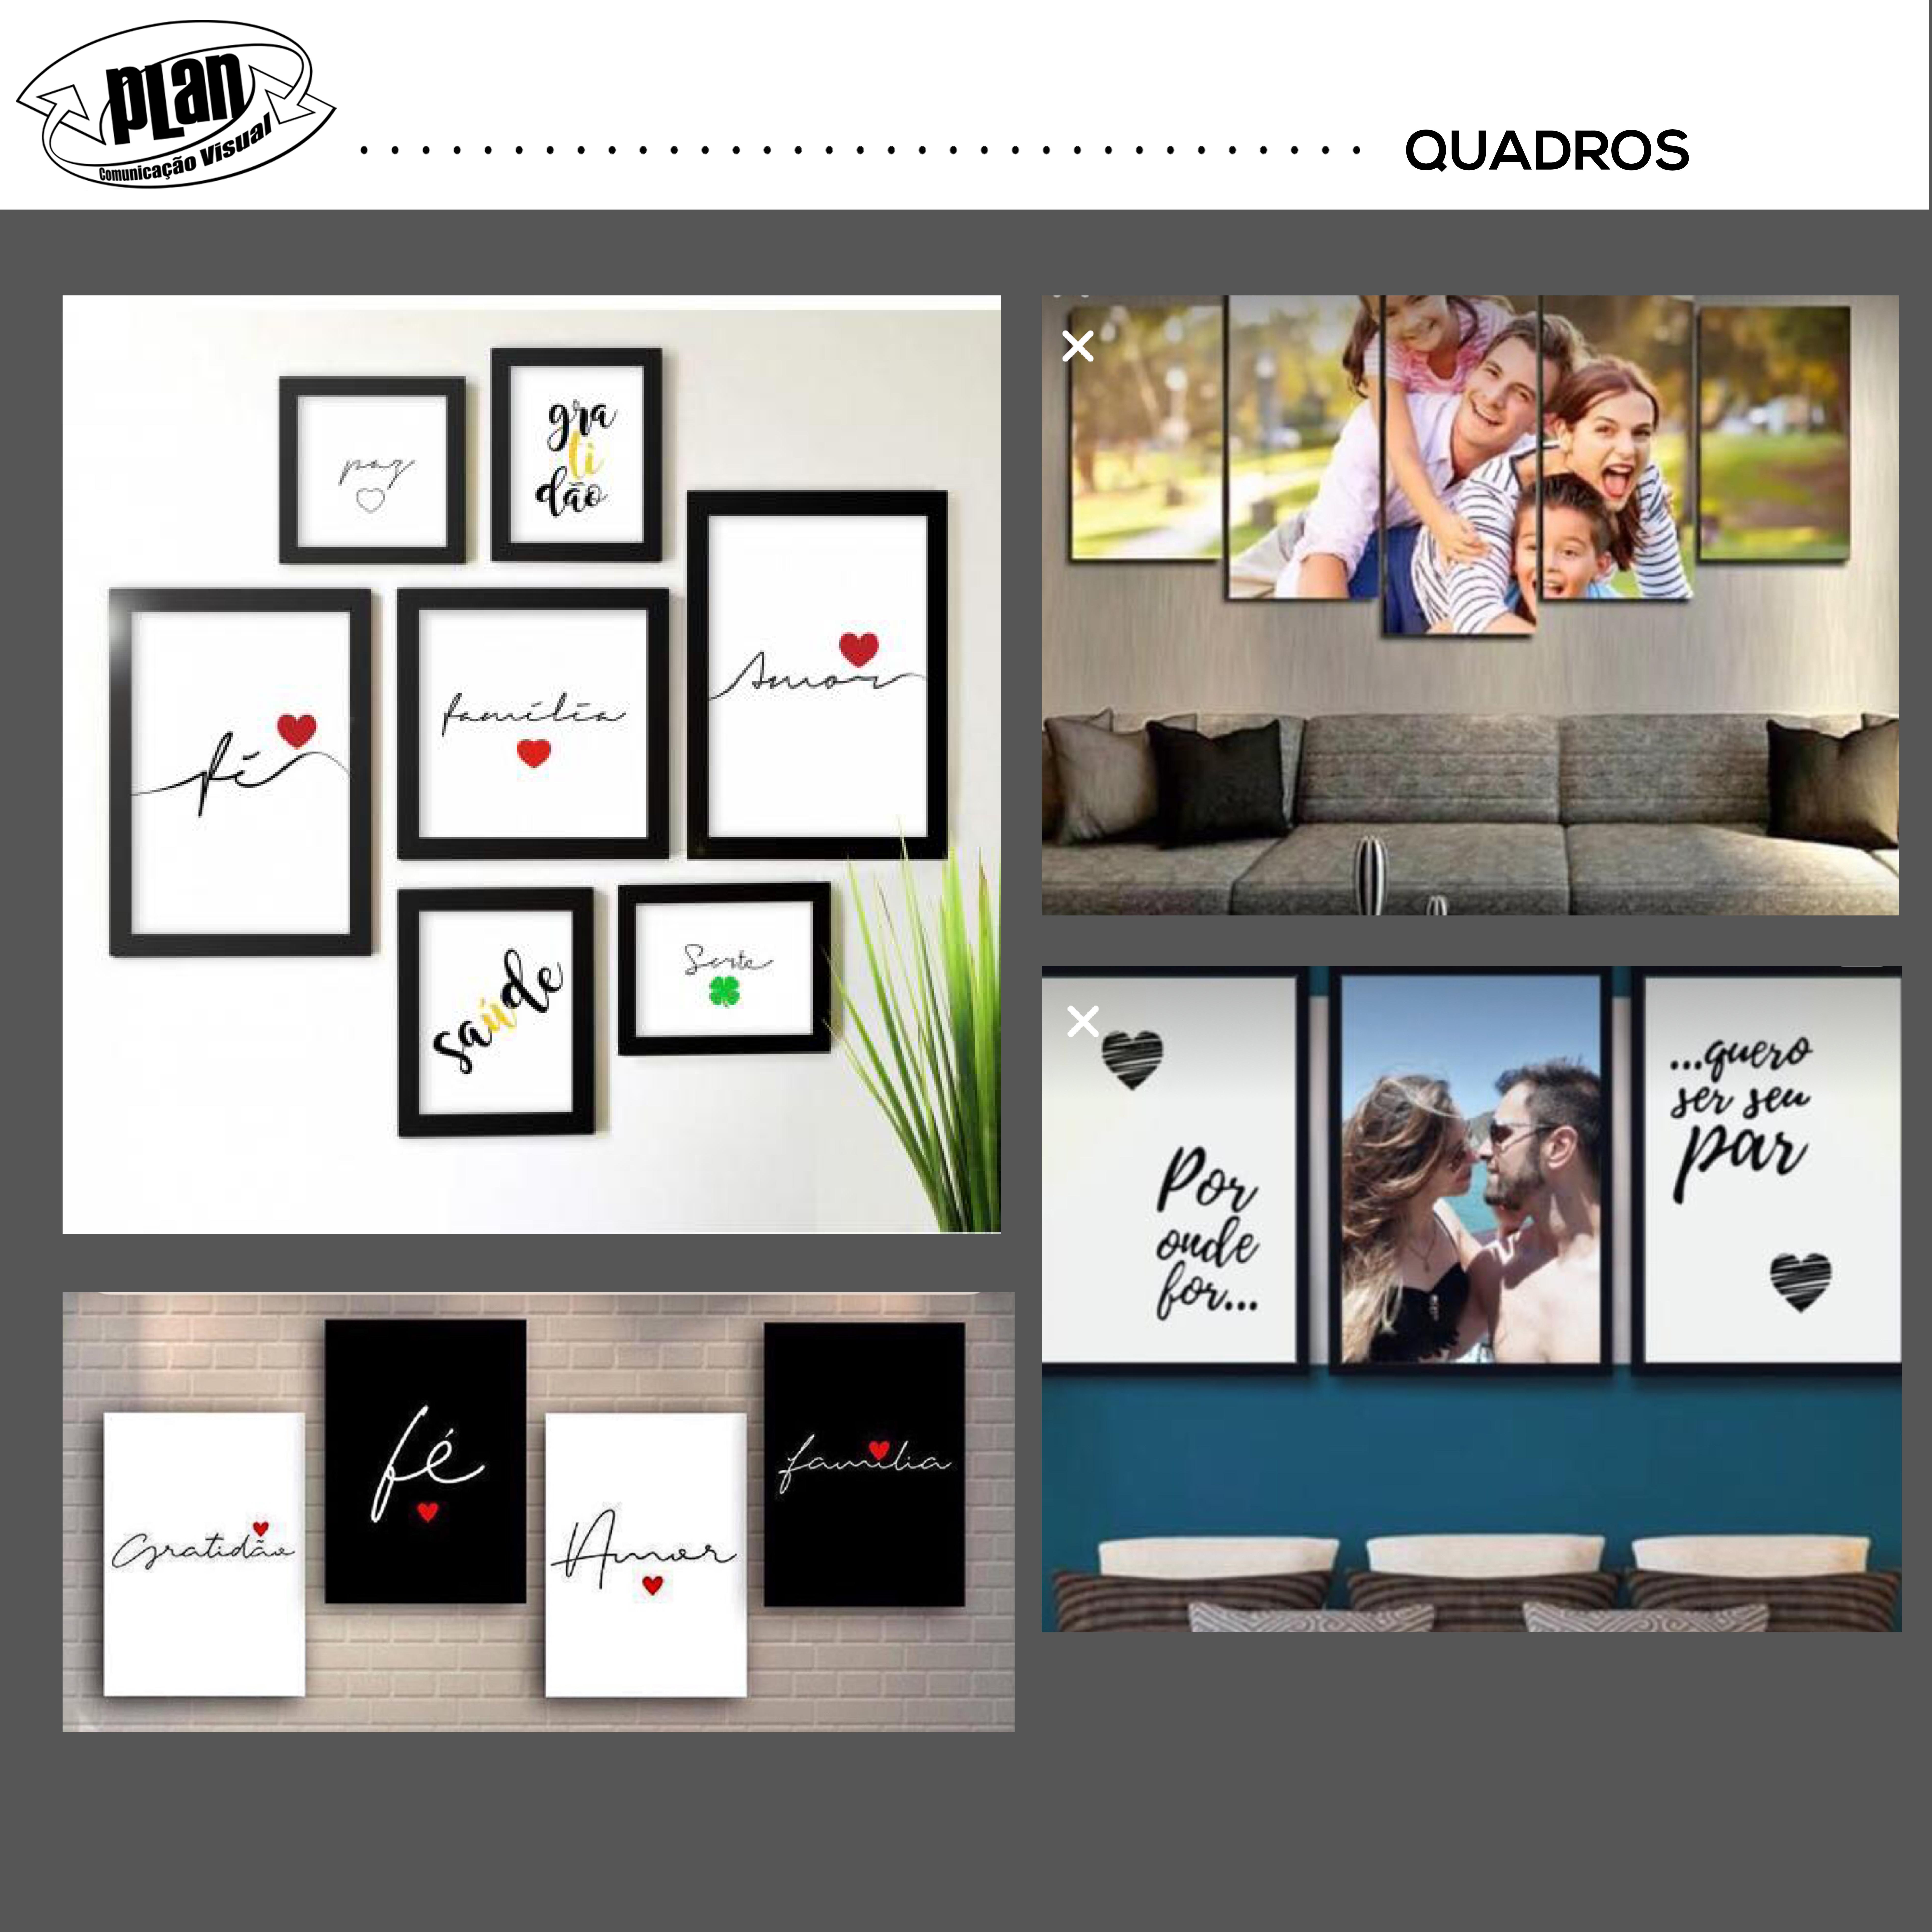 quaddros 3